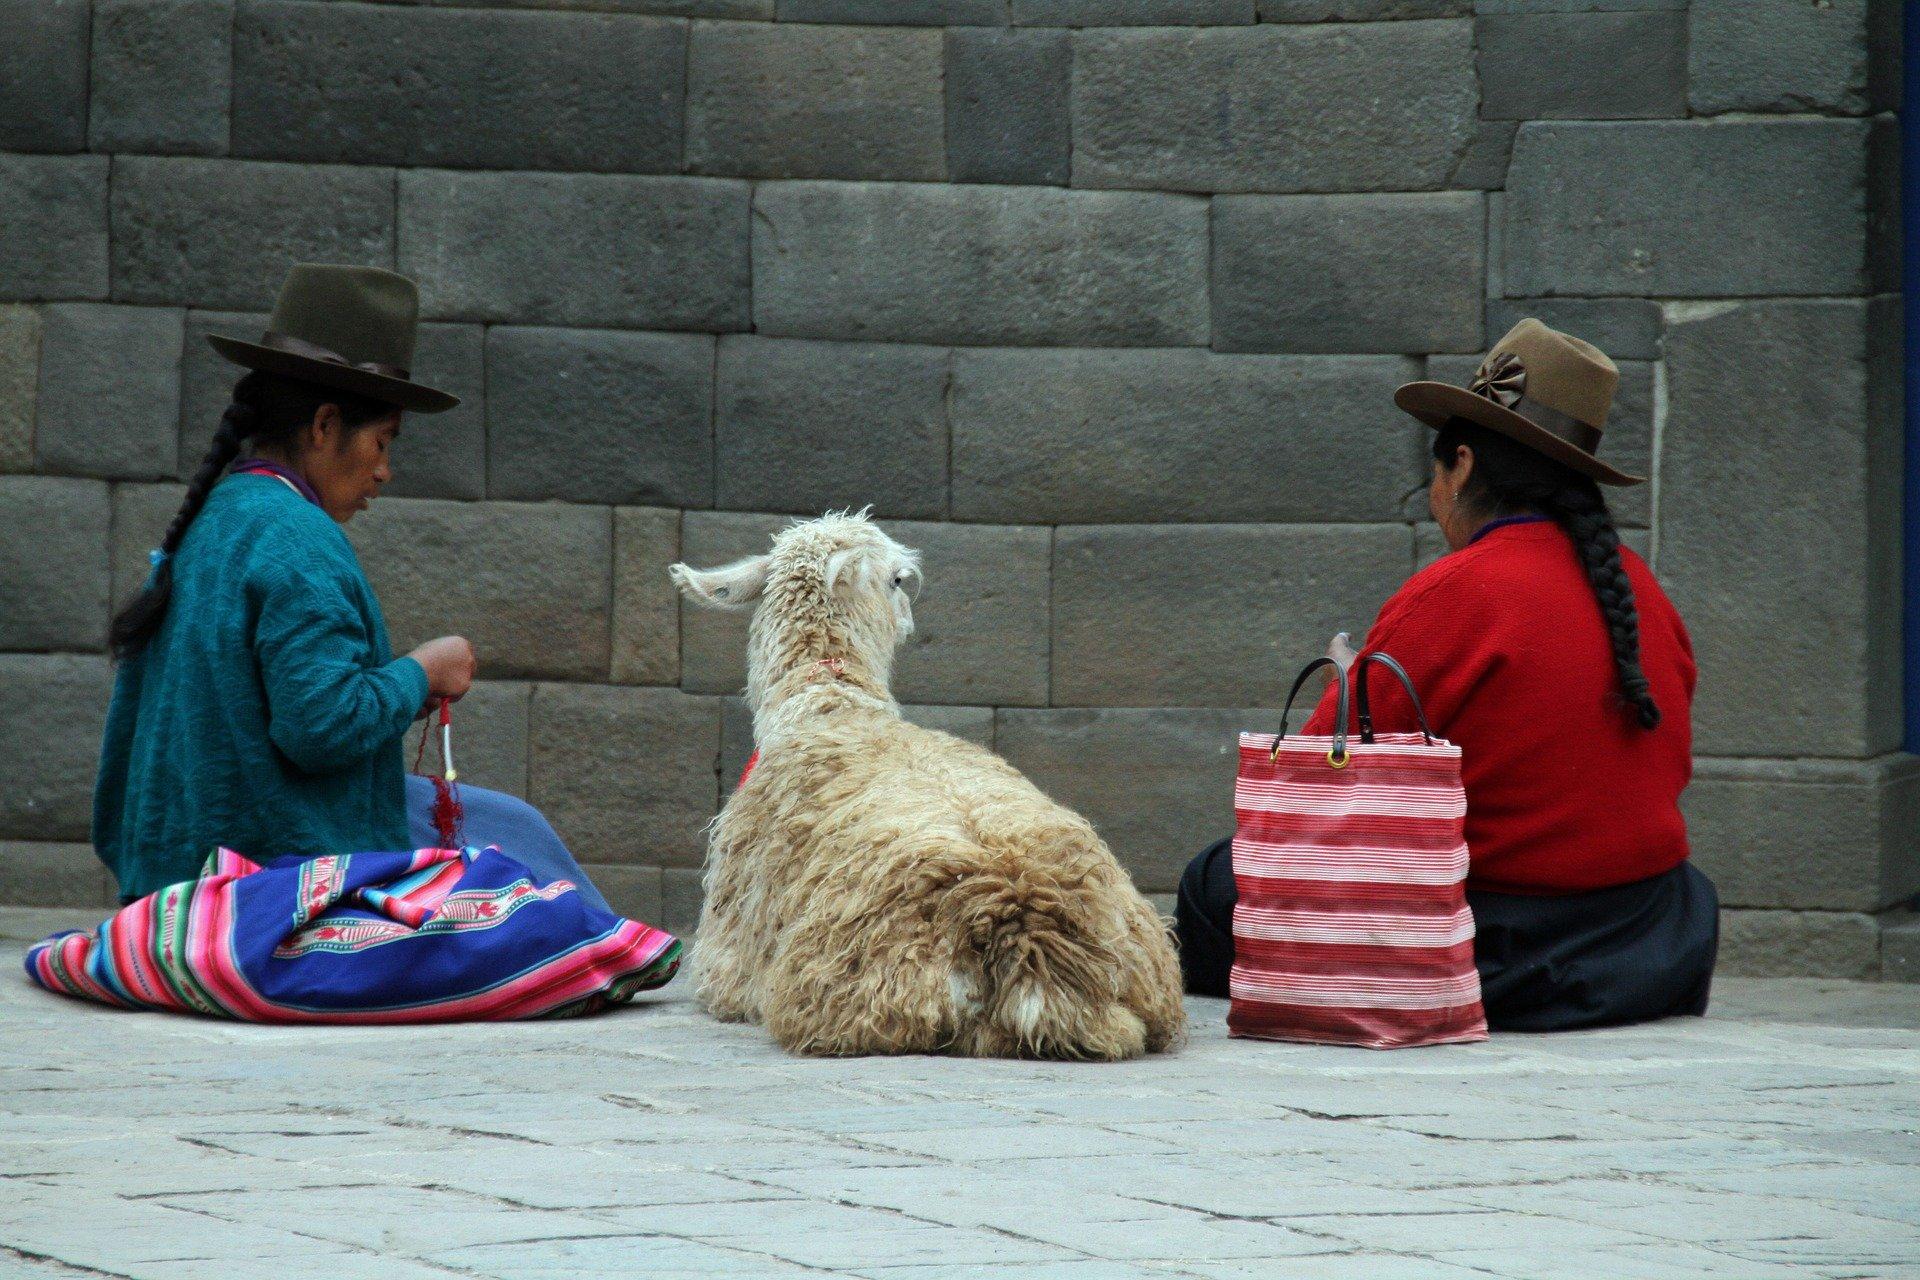 Typisches Bild in den Anden - Sprache und Kultur in Peru